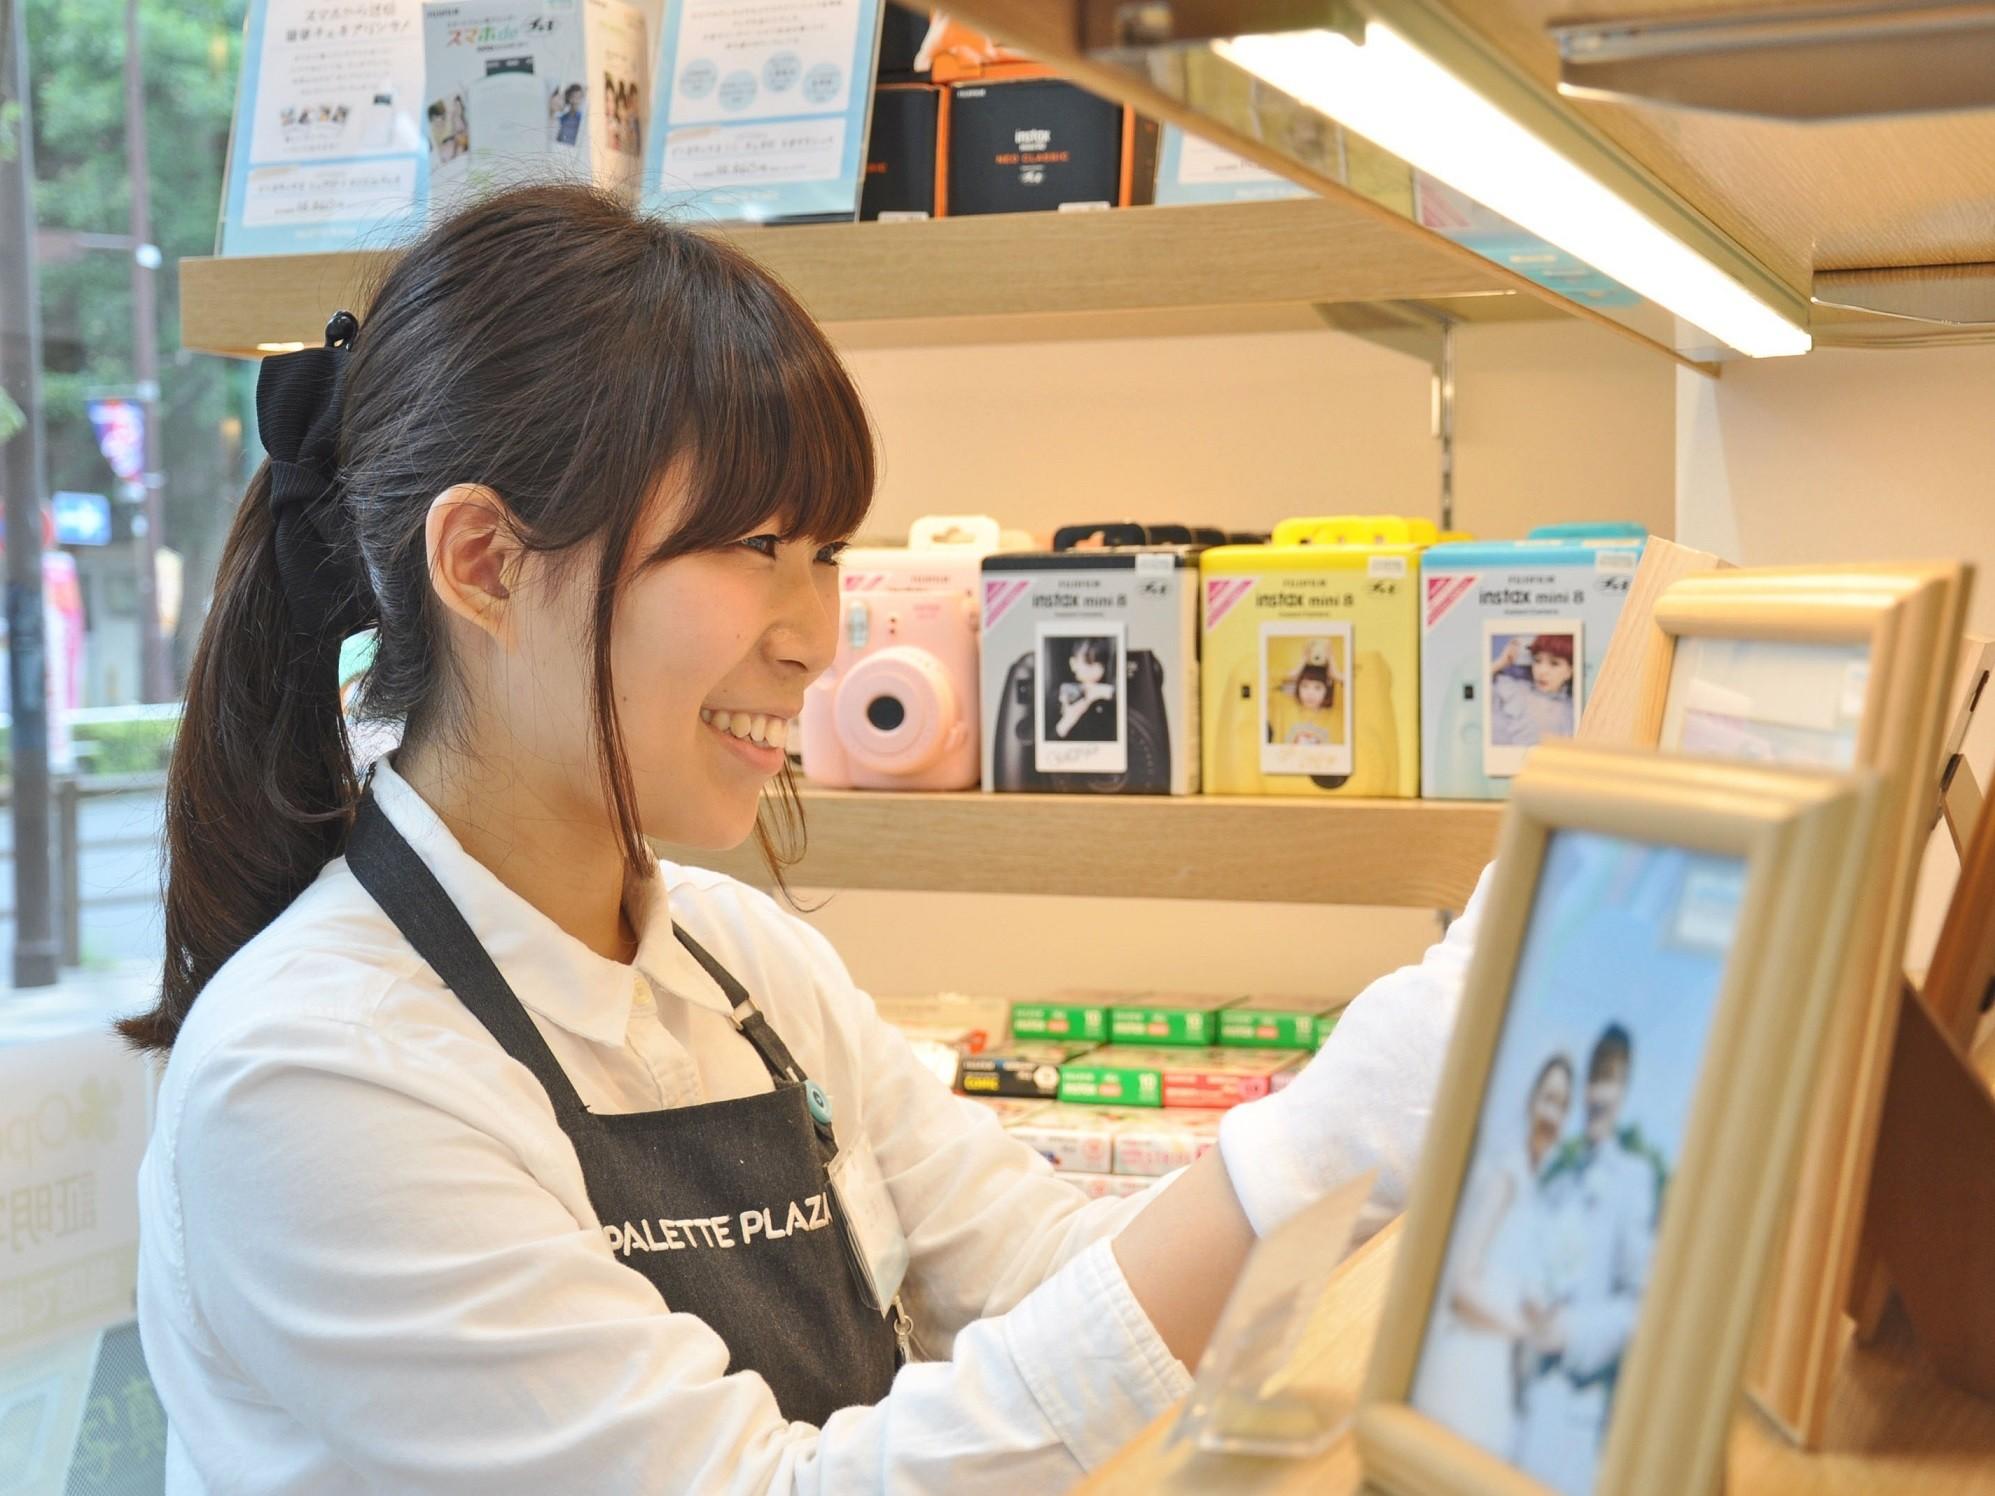 パレットプラザ 長崎チトセピア店のアルバイト情報